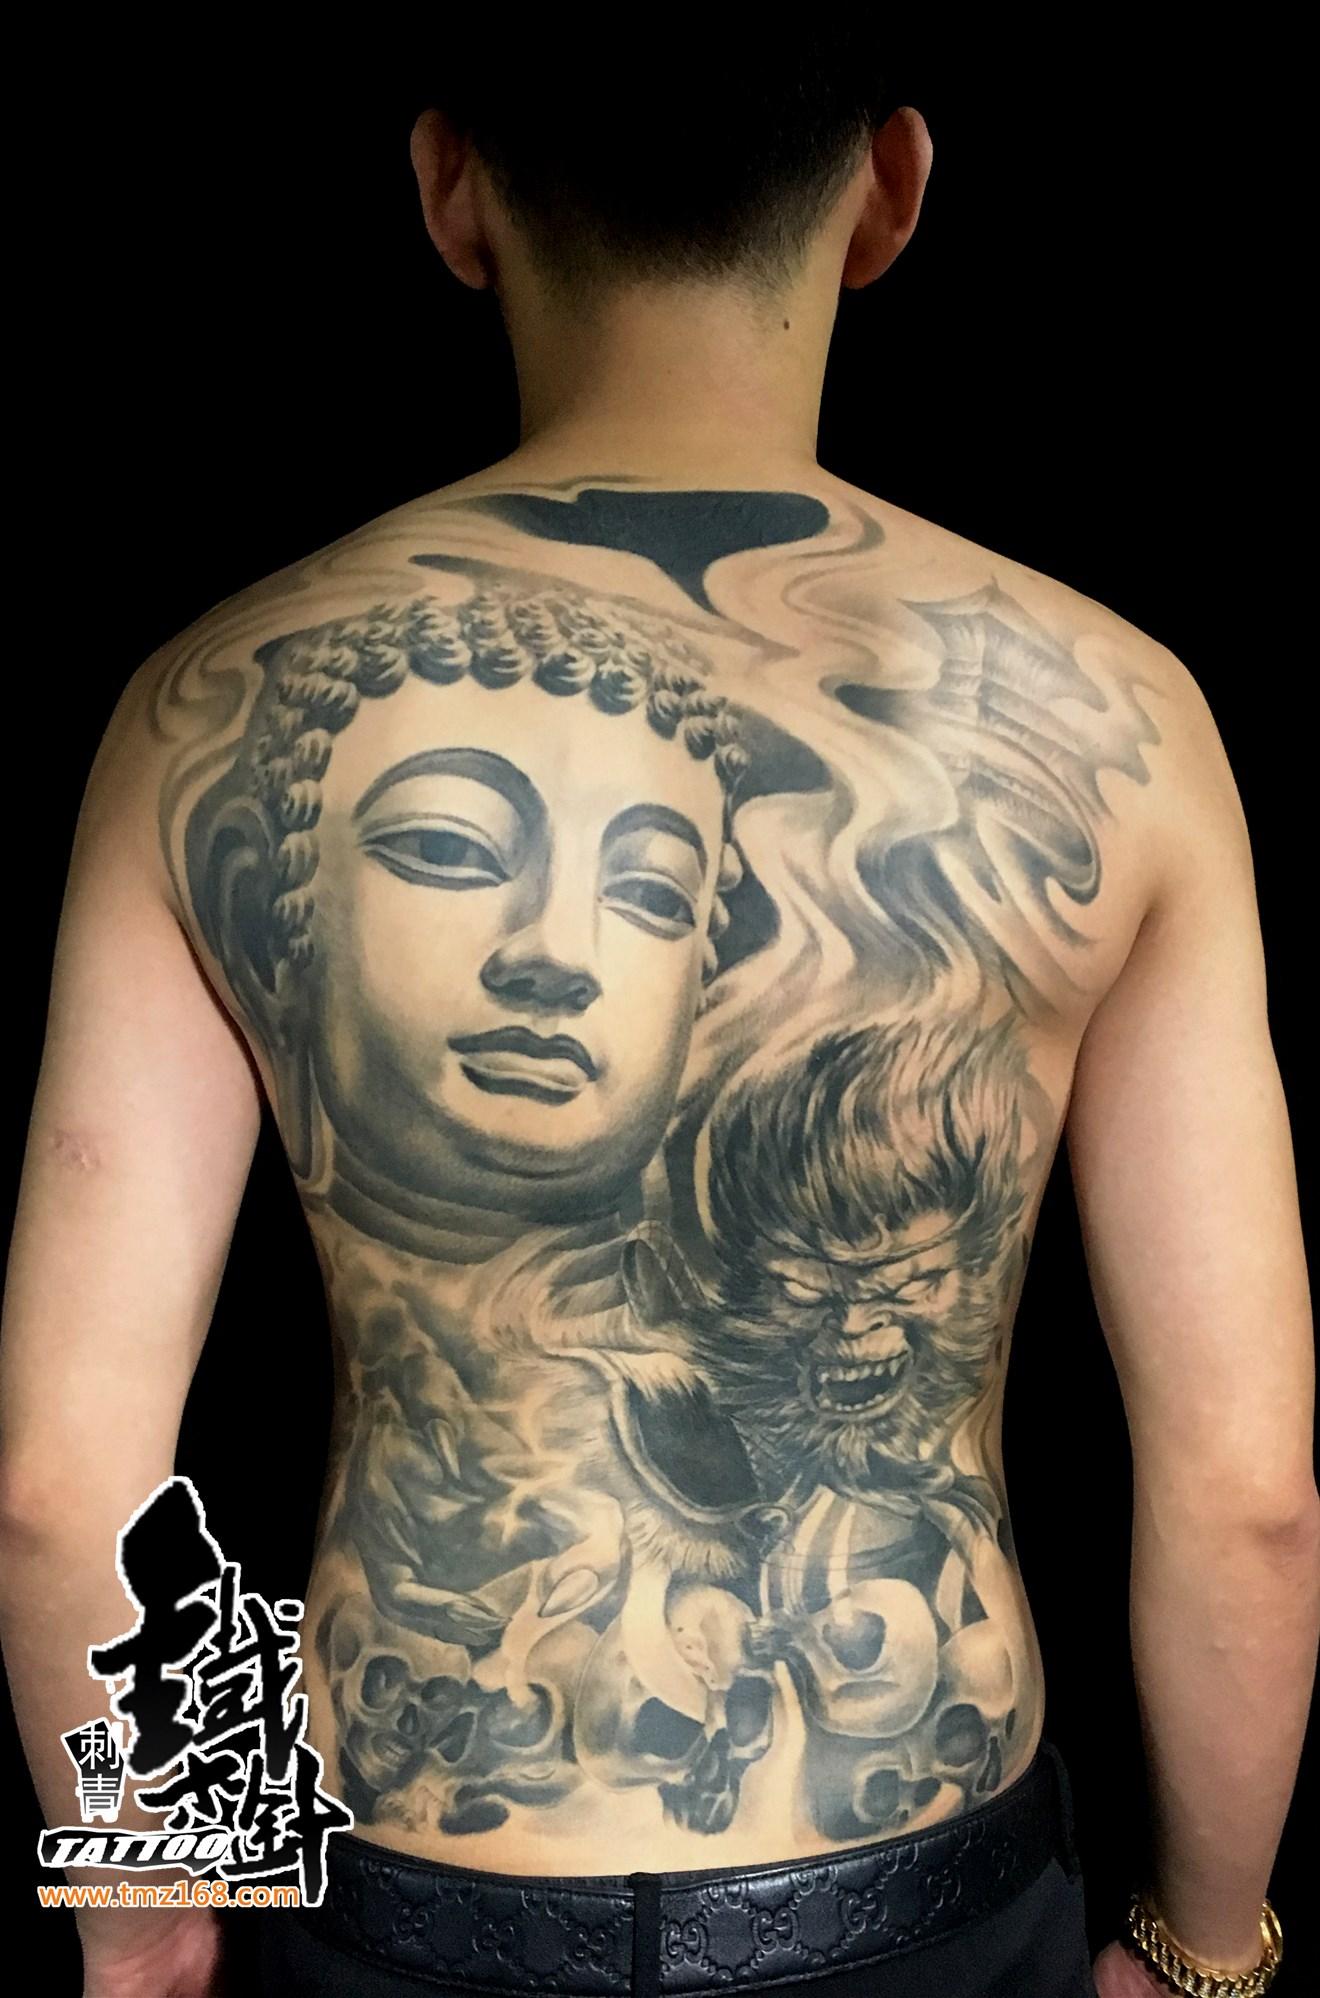 如来纹身满背纹身孙悟空纹身斗战胜佛纹身图案铁木针刺青私人订制纹图片